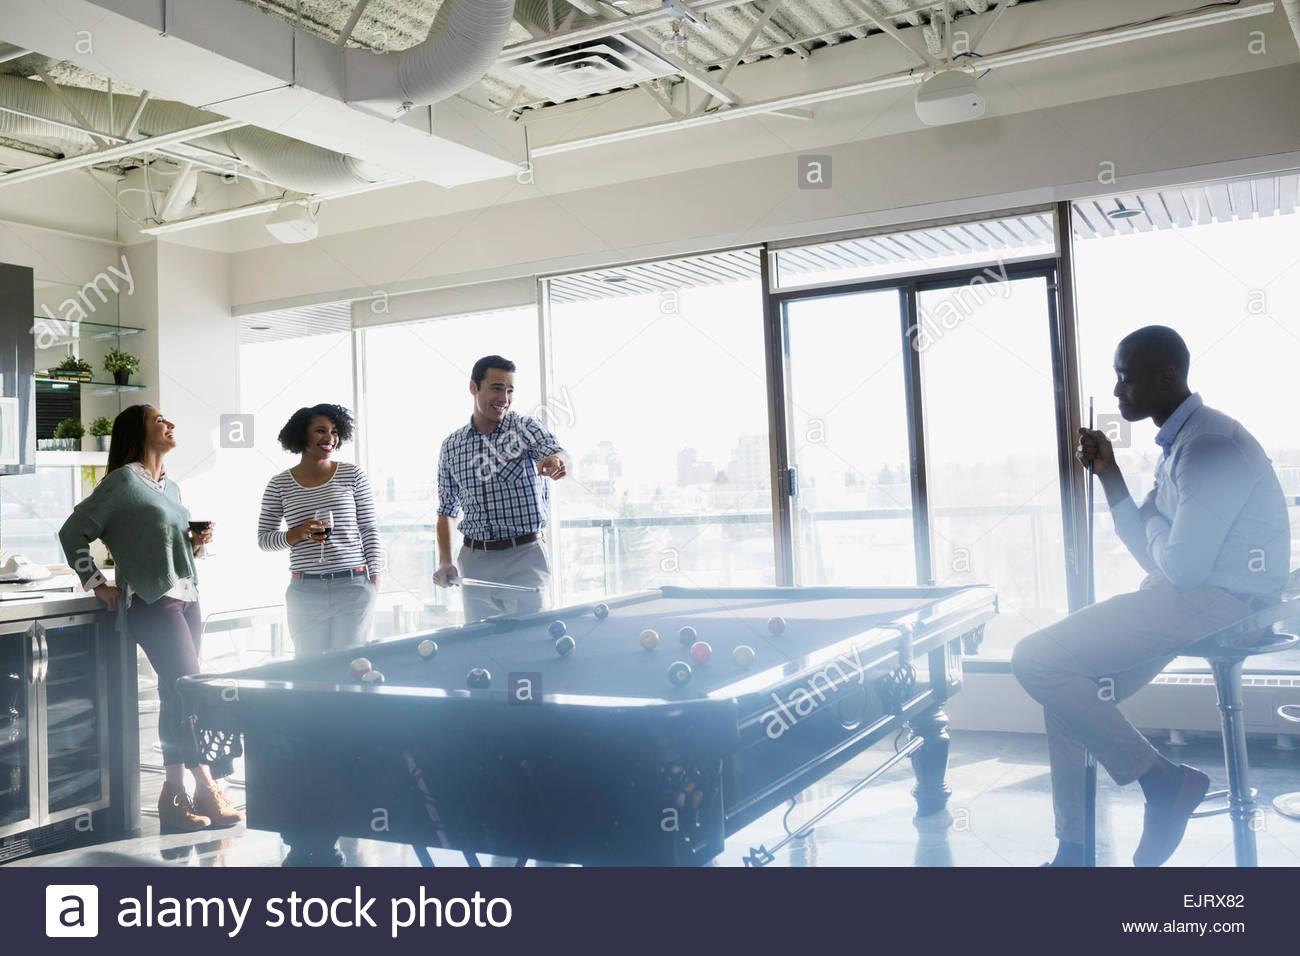 Las Parejas Jugando Pool En Loft Foto Imagen De Stock 80430786